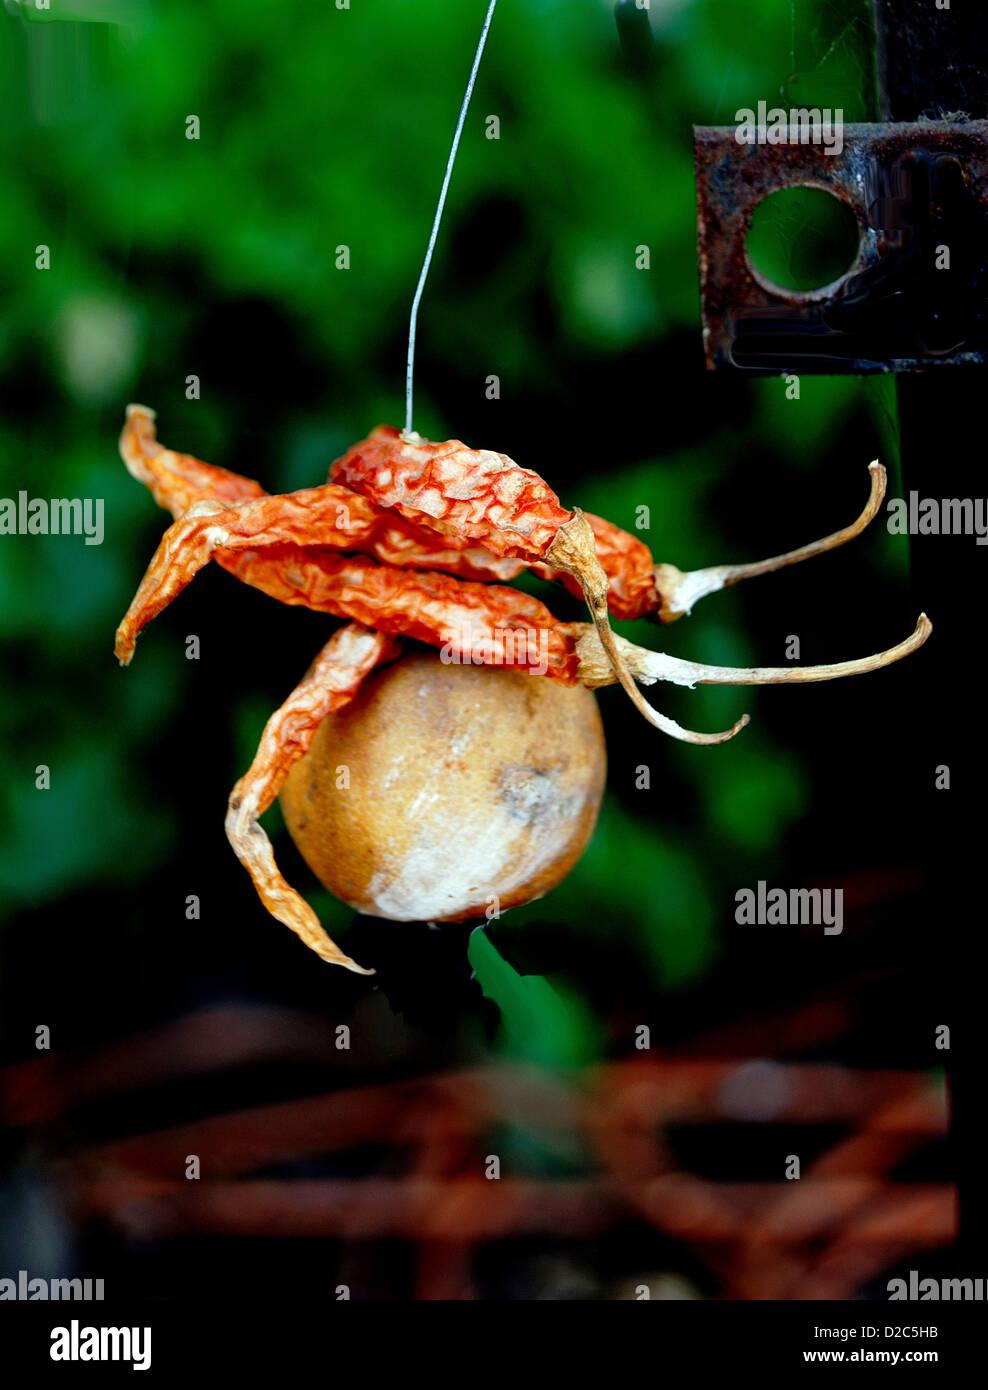 La superstizione concetto, filo di sospensione di secchi peperoncino rosso e limone, India Immagini Stock